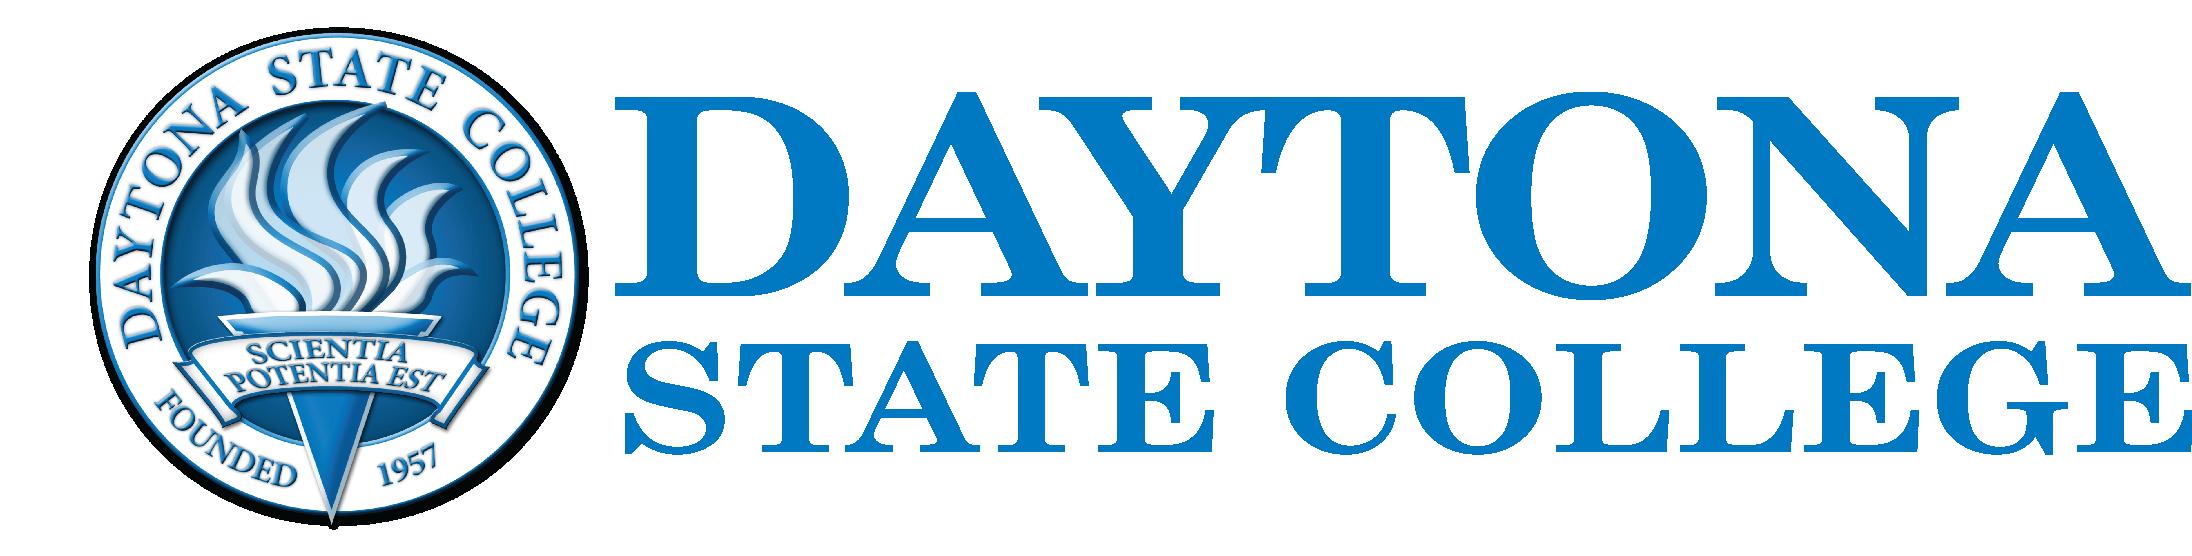 File:Daytona State College logo.png.